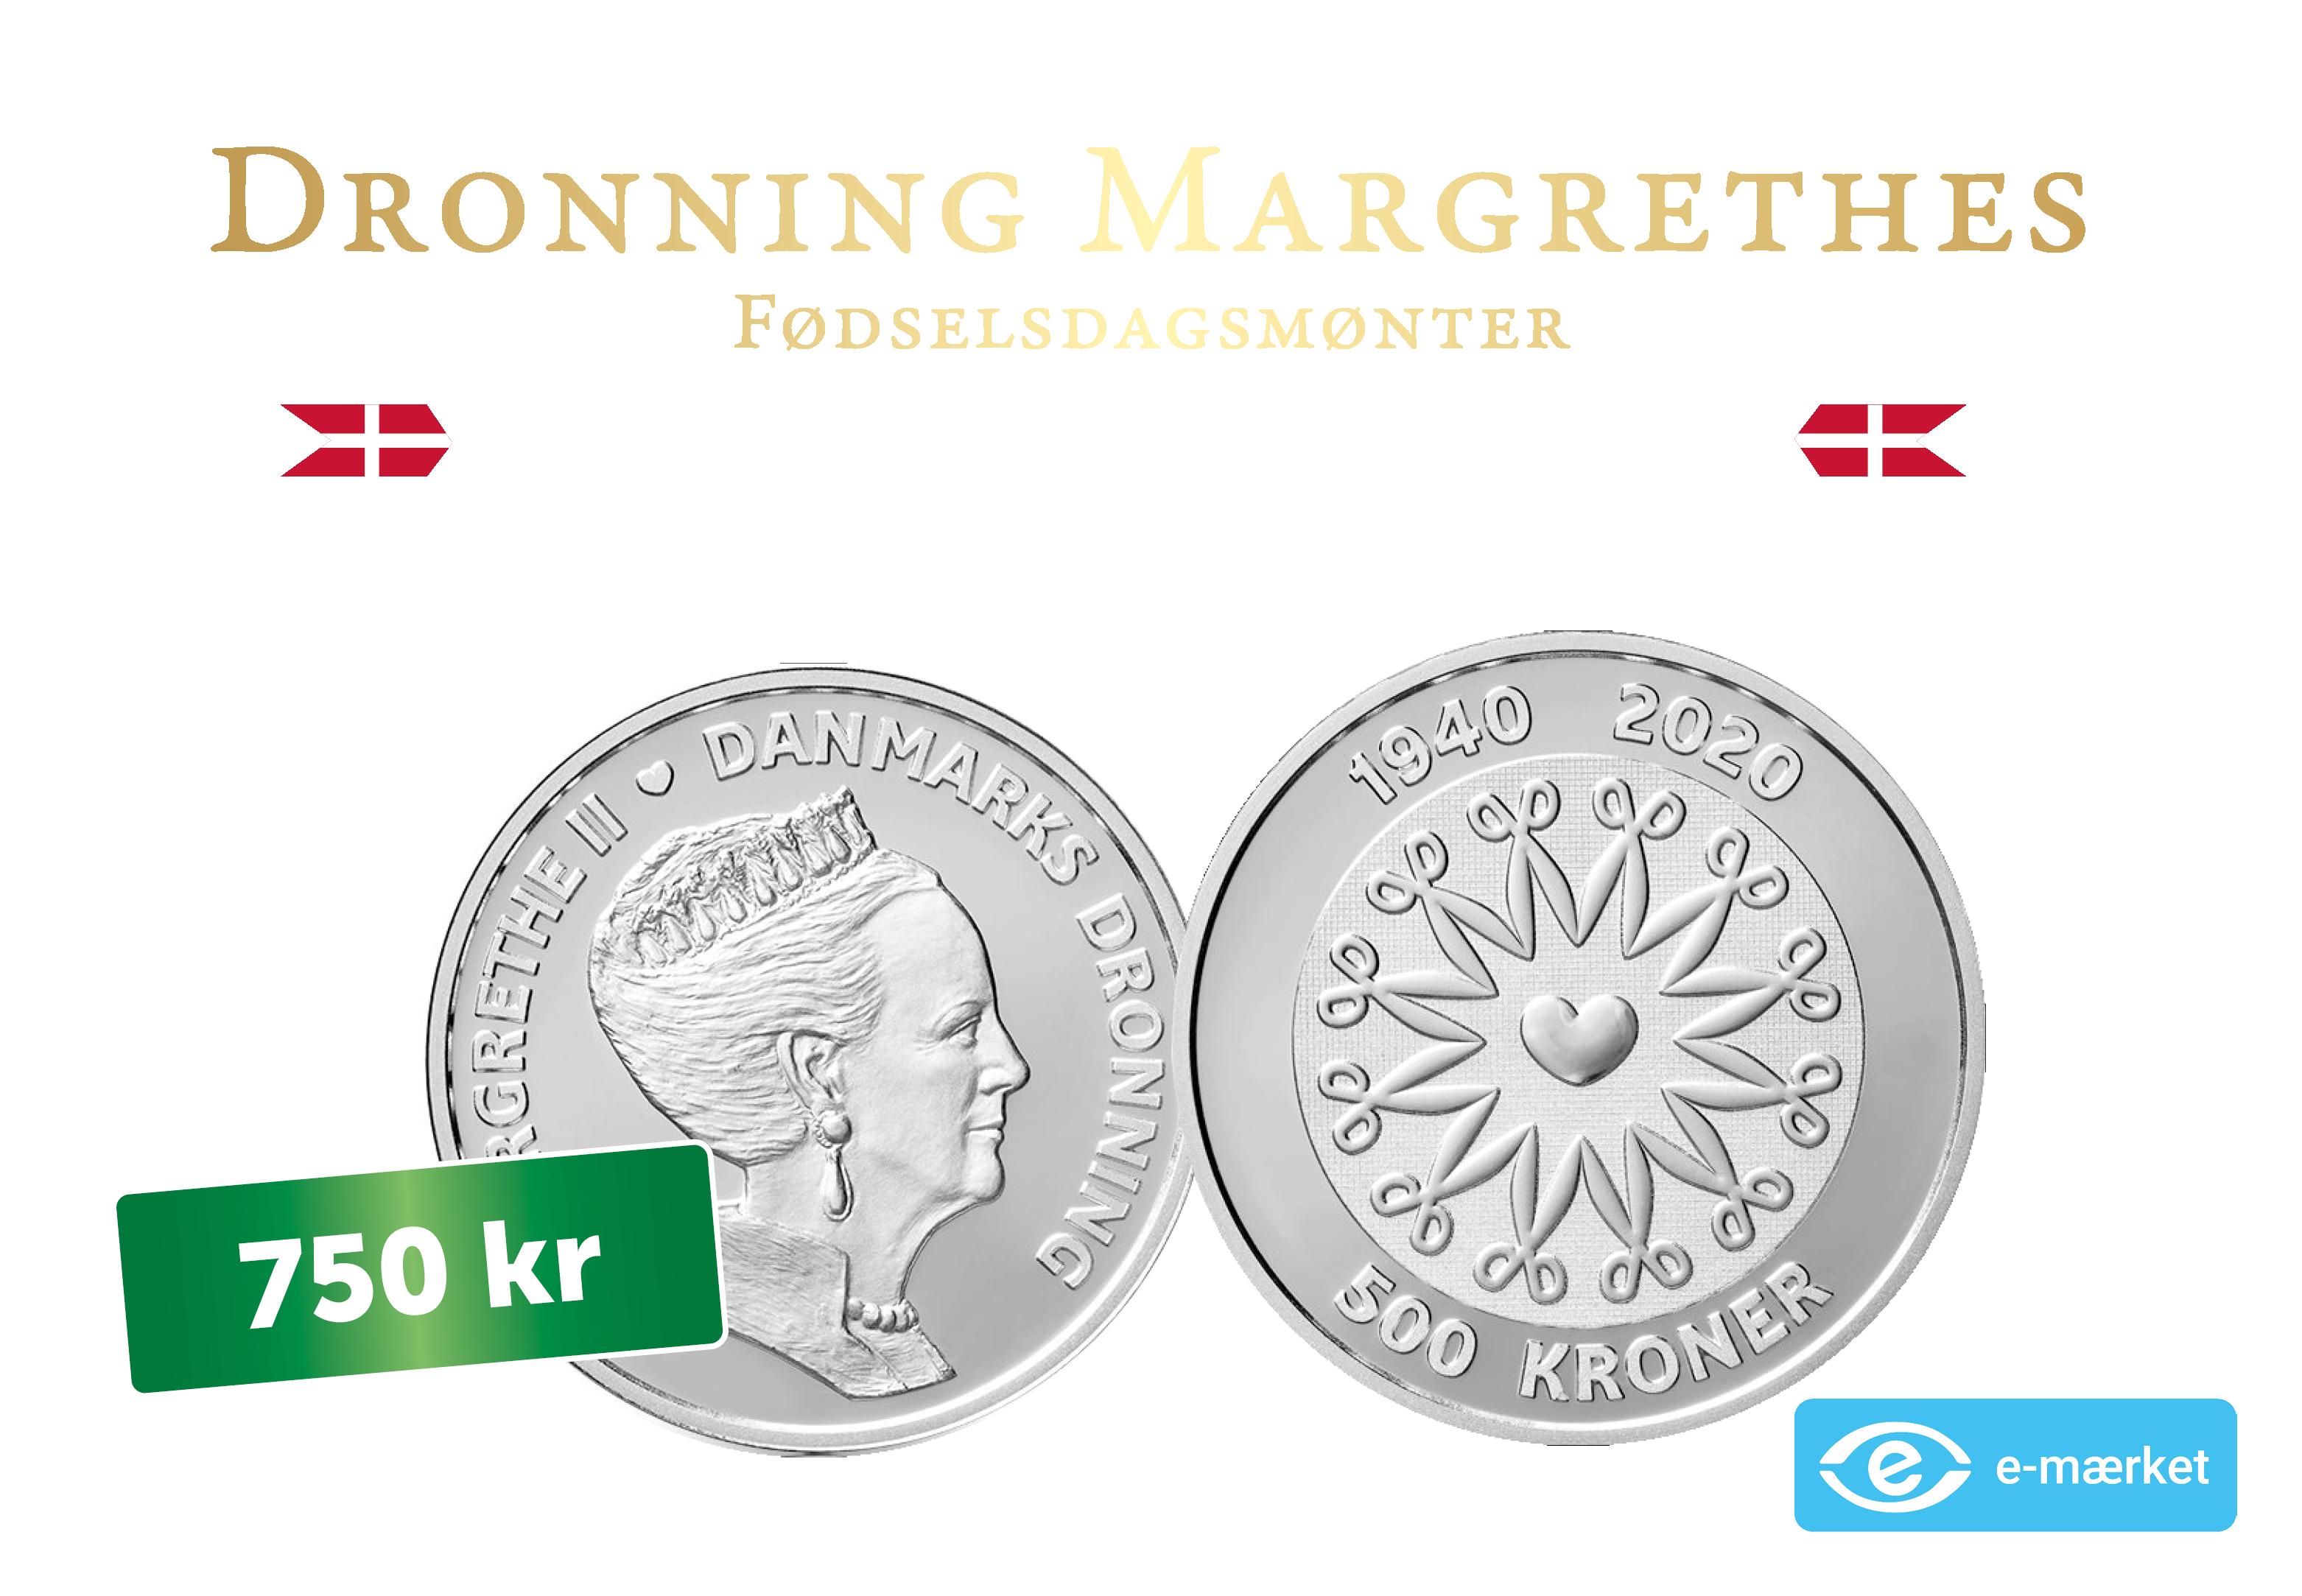 Dronning Margrethe II's 80-års fødselsdag, 2020